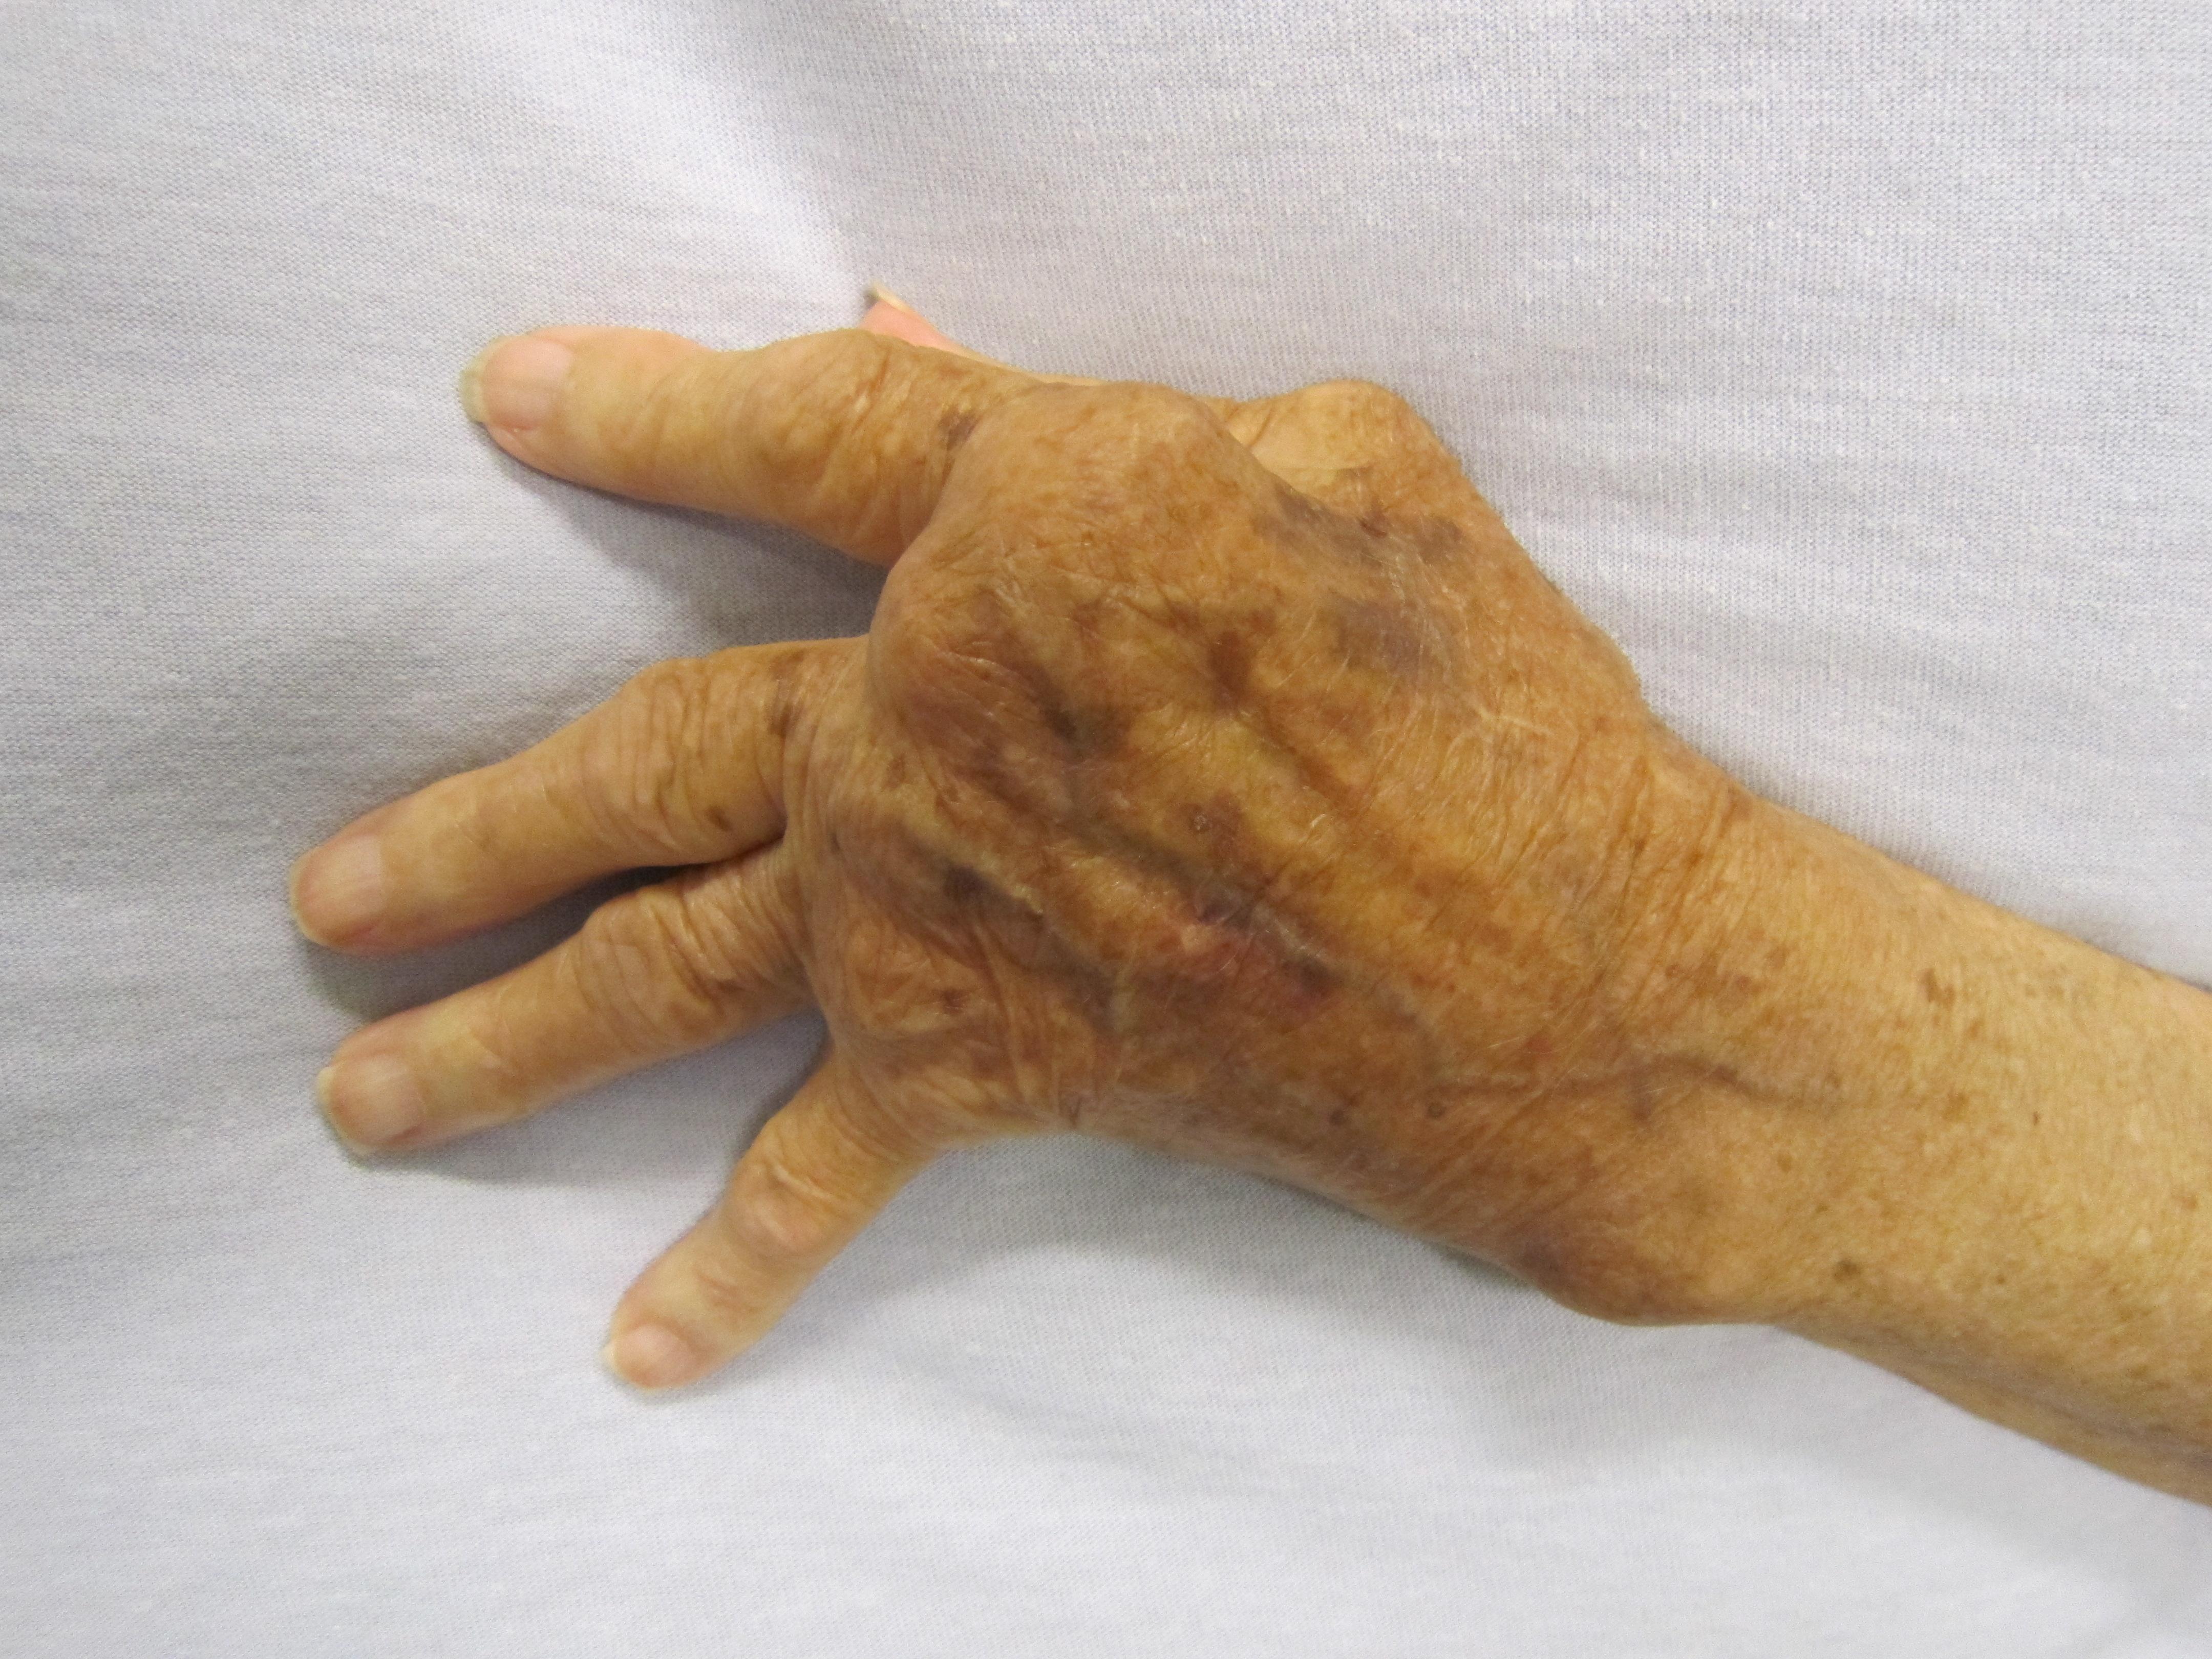 kenőcs neve ízületi fájdalmakhoz melegítő kenőcsök és fájdalomcsillapító osteochondrosis esetén